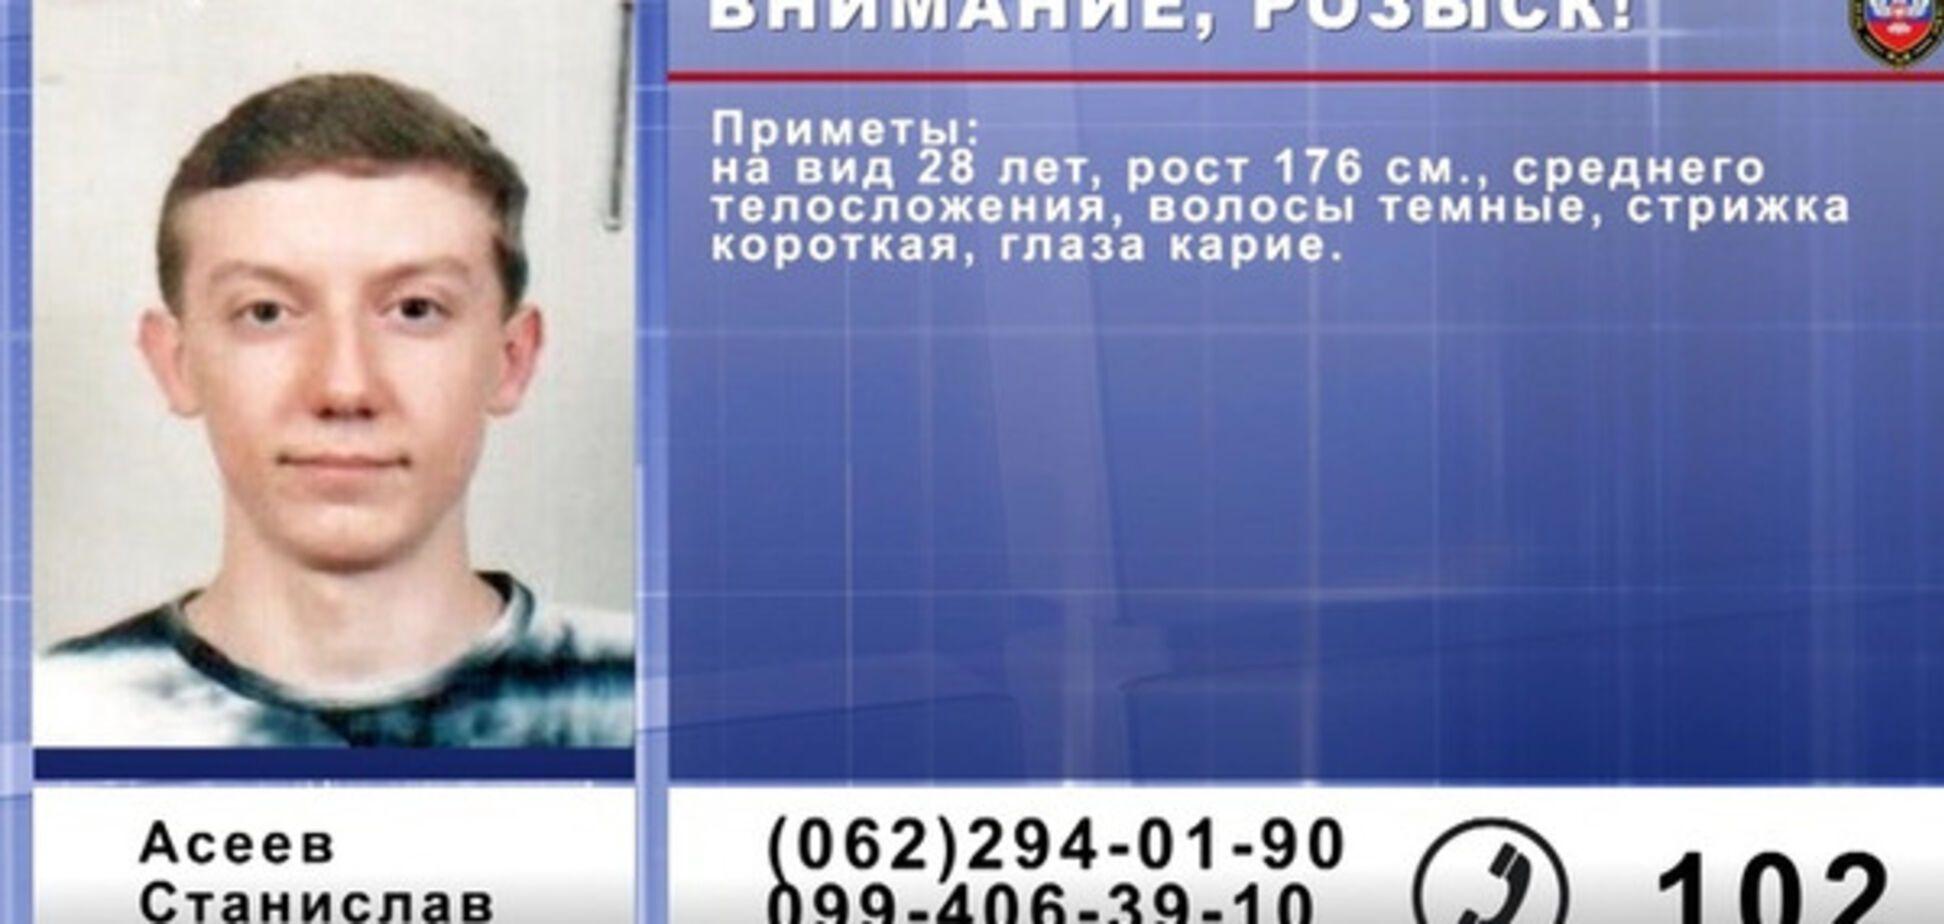 Освобождение украинцев из плена 'ДНР': появилось важное известие